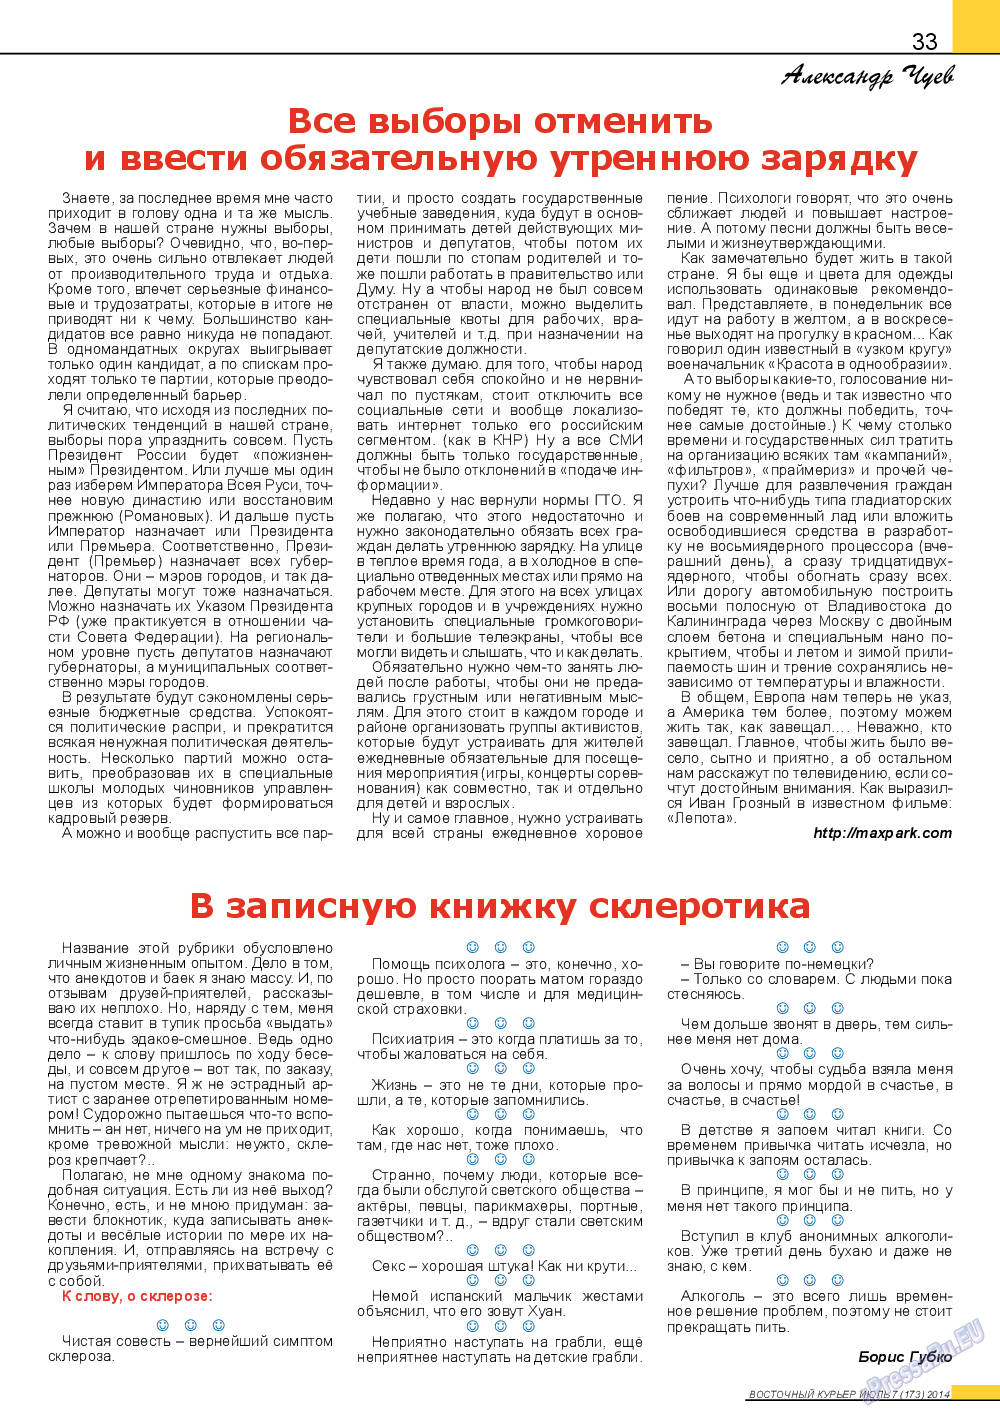 Восточный курьер (журнал). 2014 год, номер 7, стр. 33